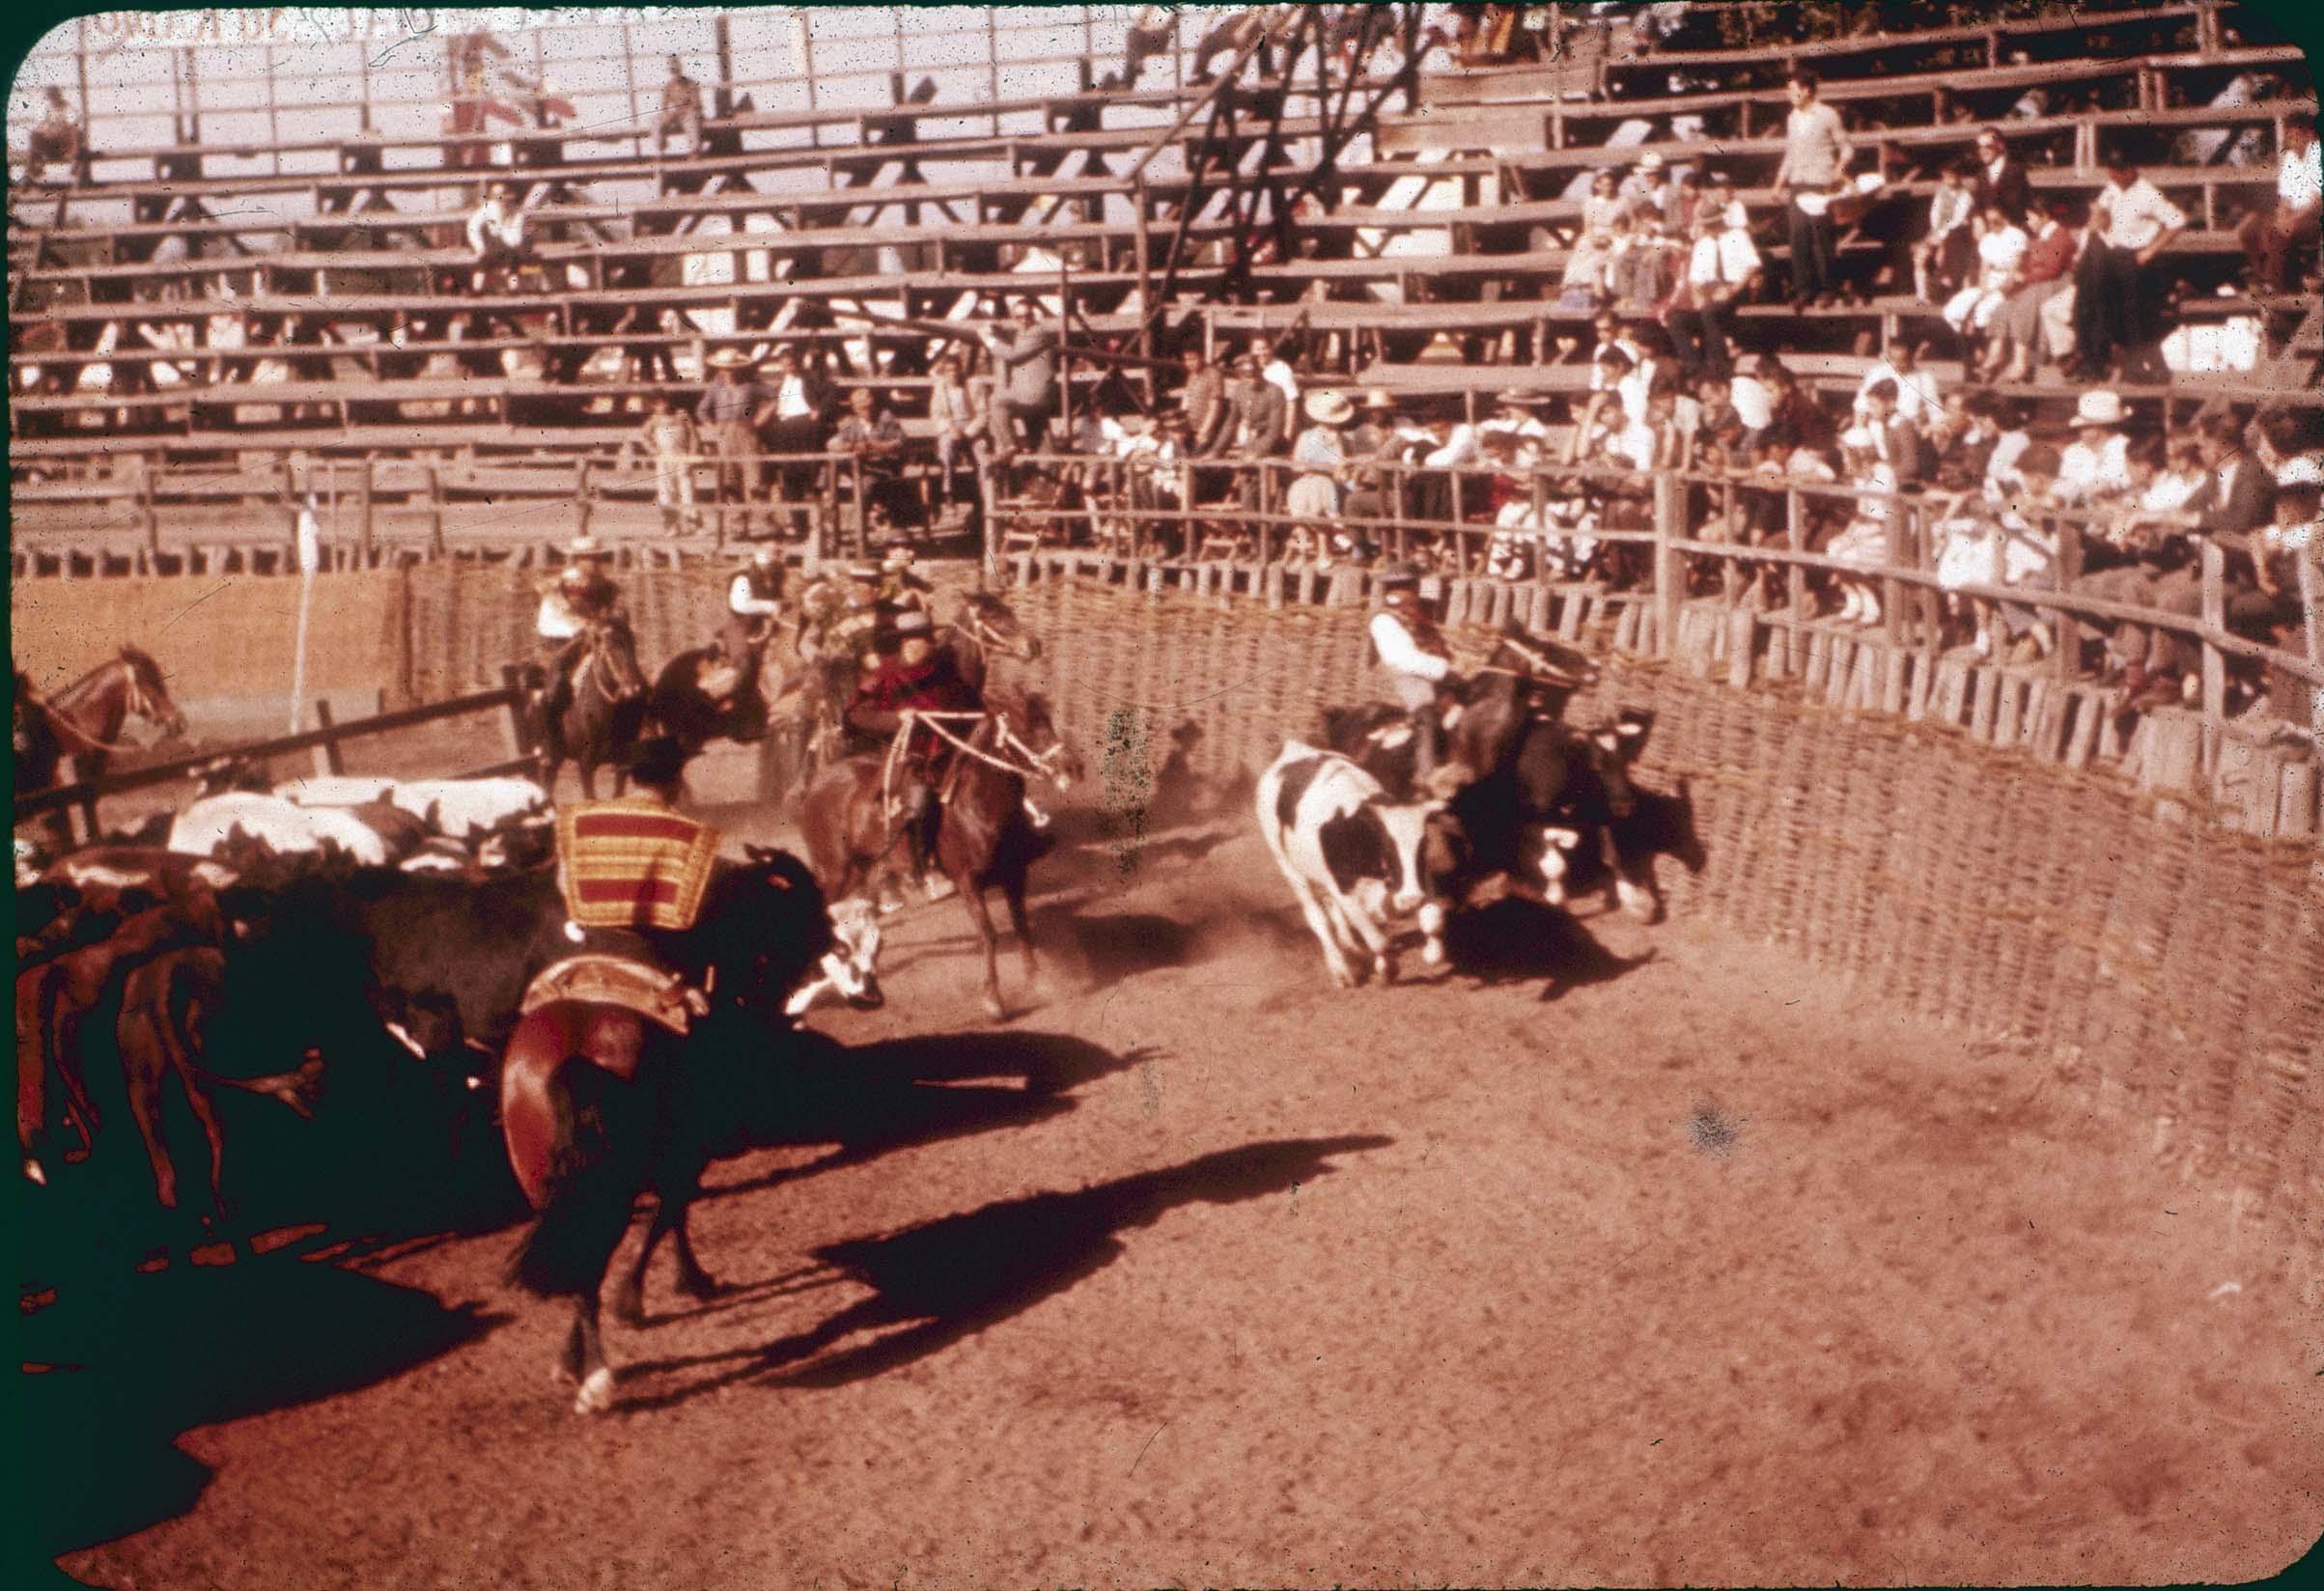 Enterreno - Fotos históricas de chile - fotos antiguas de Chile - Rodeo en Curicó en los 60